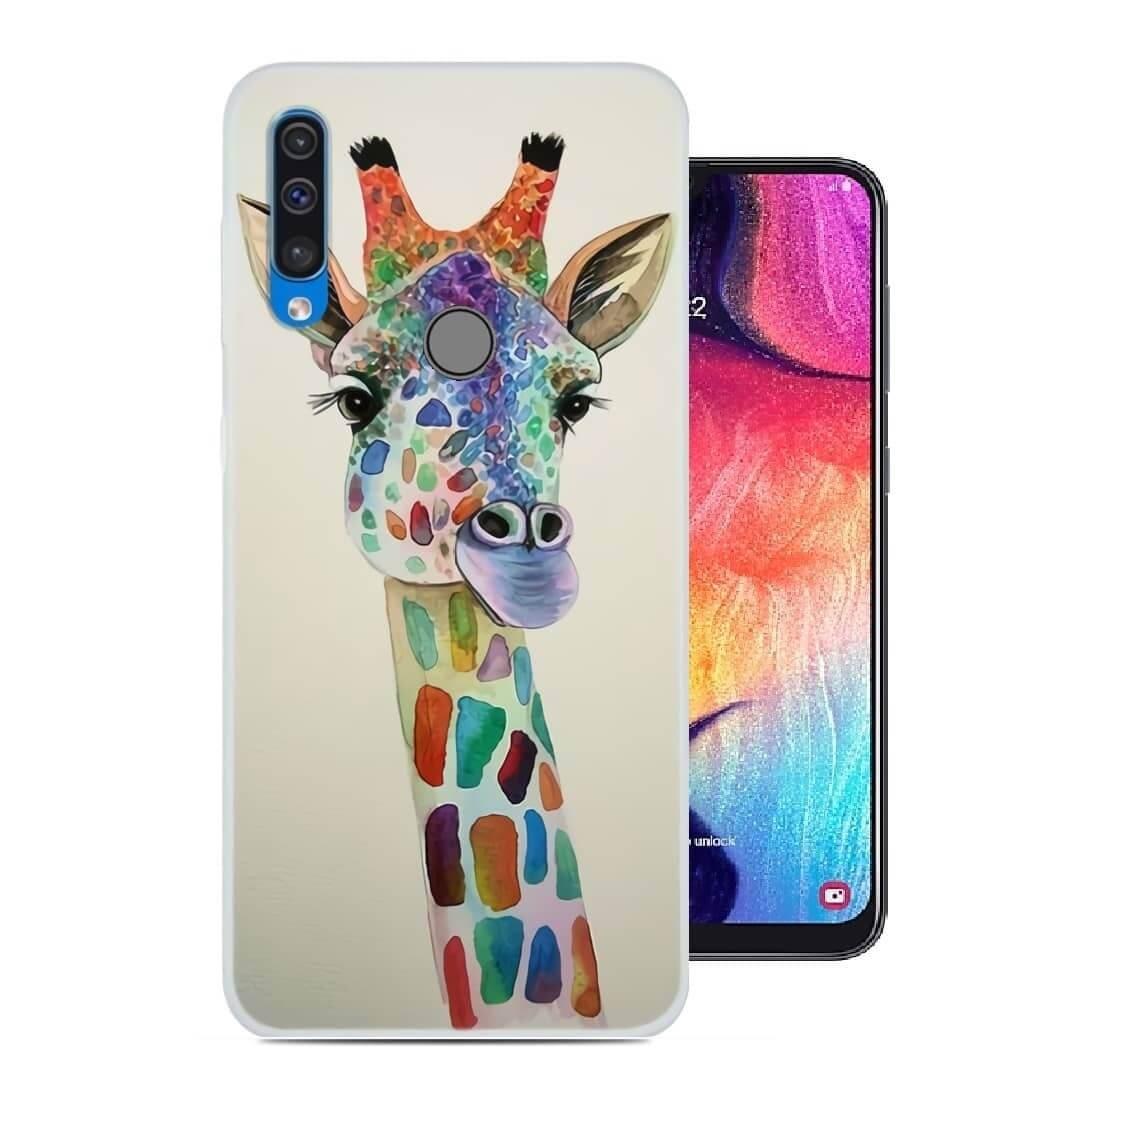 huawei mate 9 coque giraffe